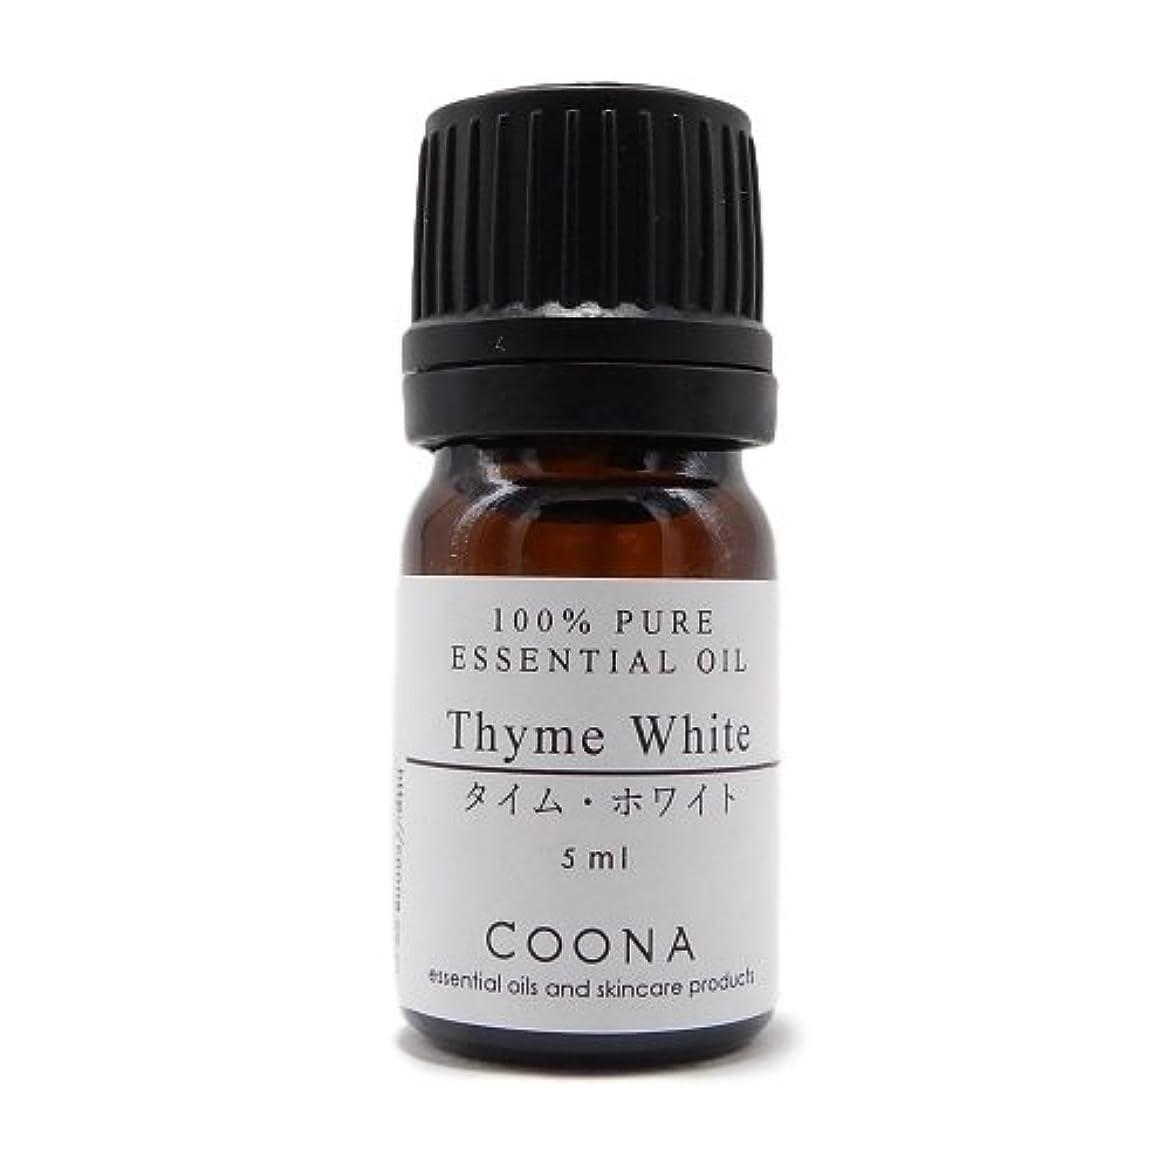 行為召集する著名なタイム ホワイト 5 ml (COONA エッセンシャルオイル アロマオイル 100%天然植物精油)